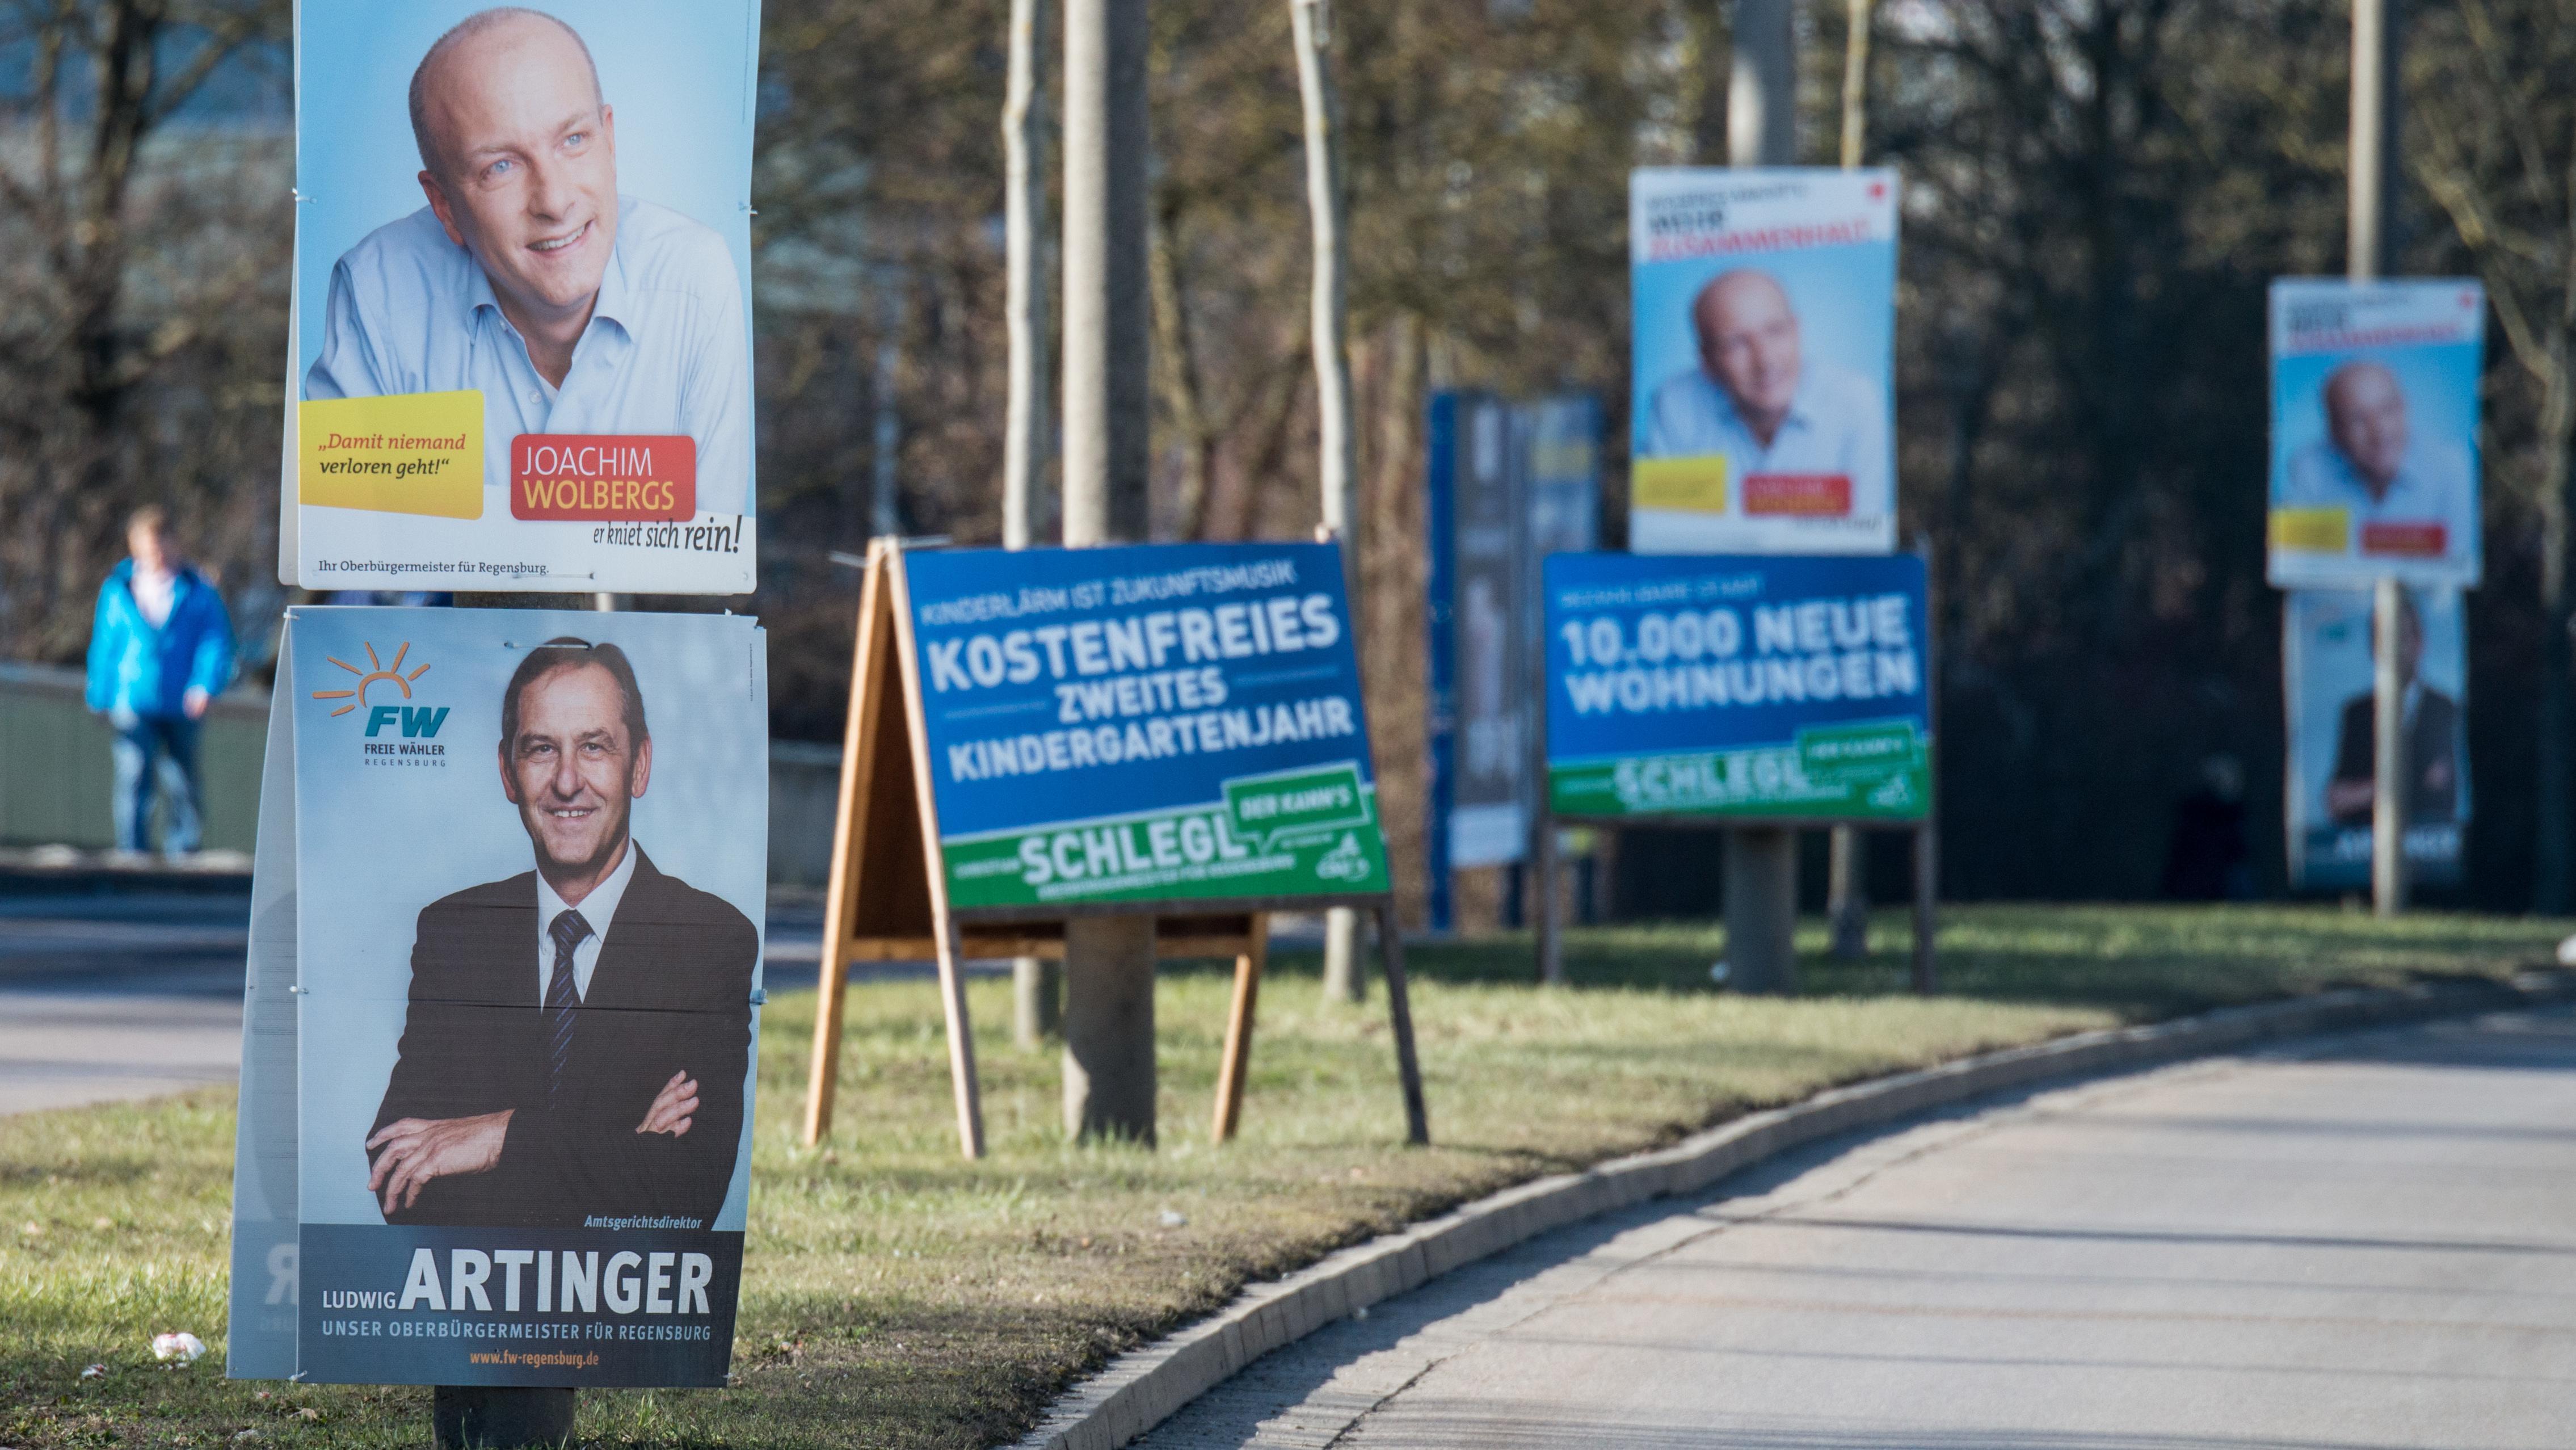 Wahlplakate der ehemaligen Oberbürgermeister-Kandidaten, Joachim Wolbergs (SPD), und Ludwig Artinger (Freie Wähler)